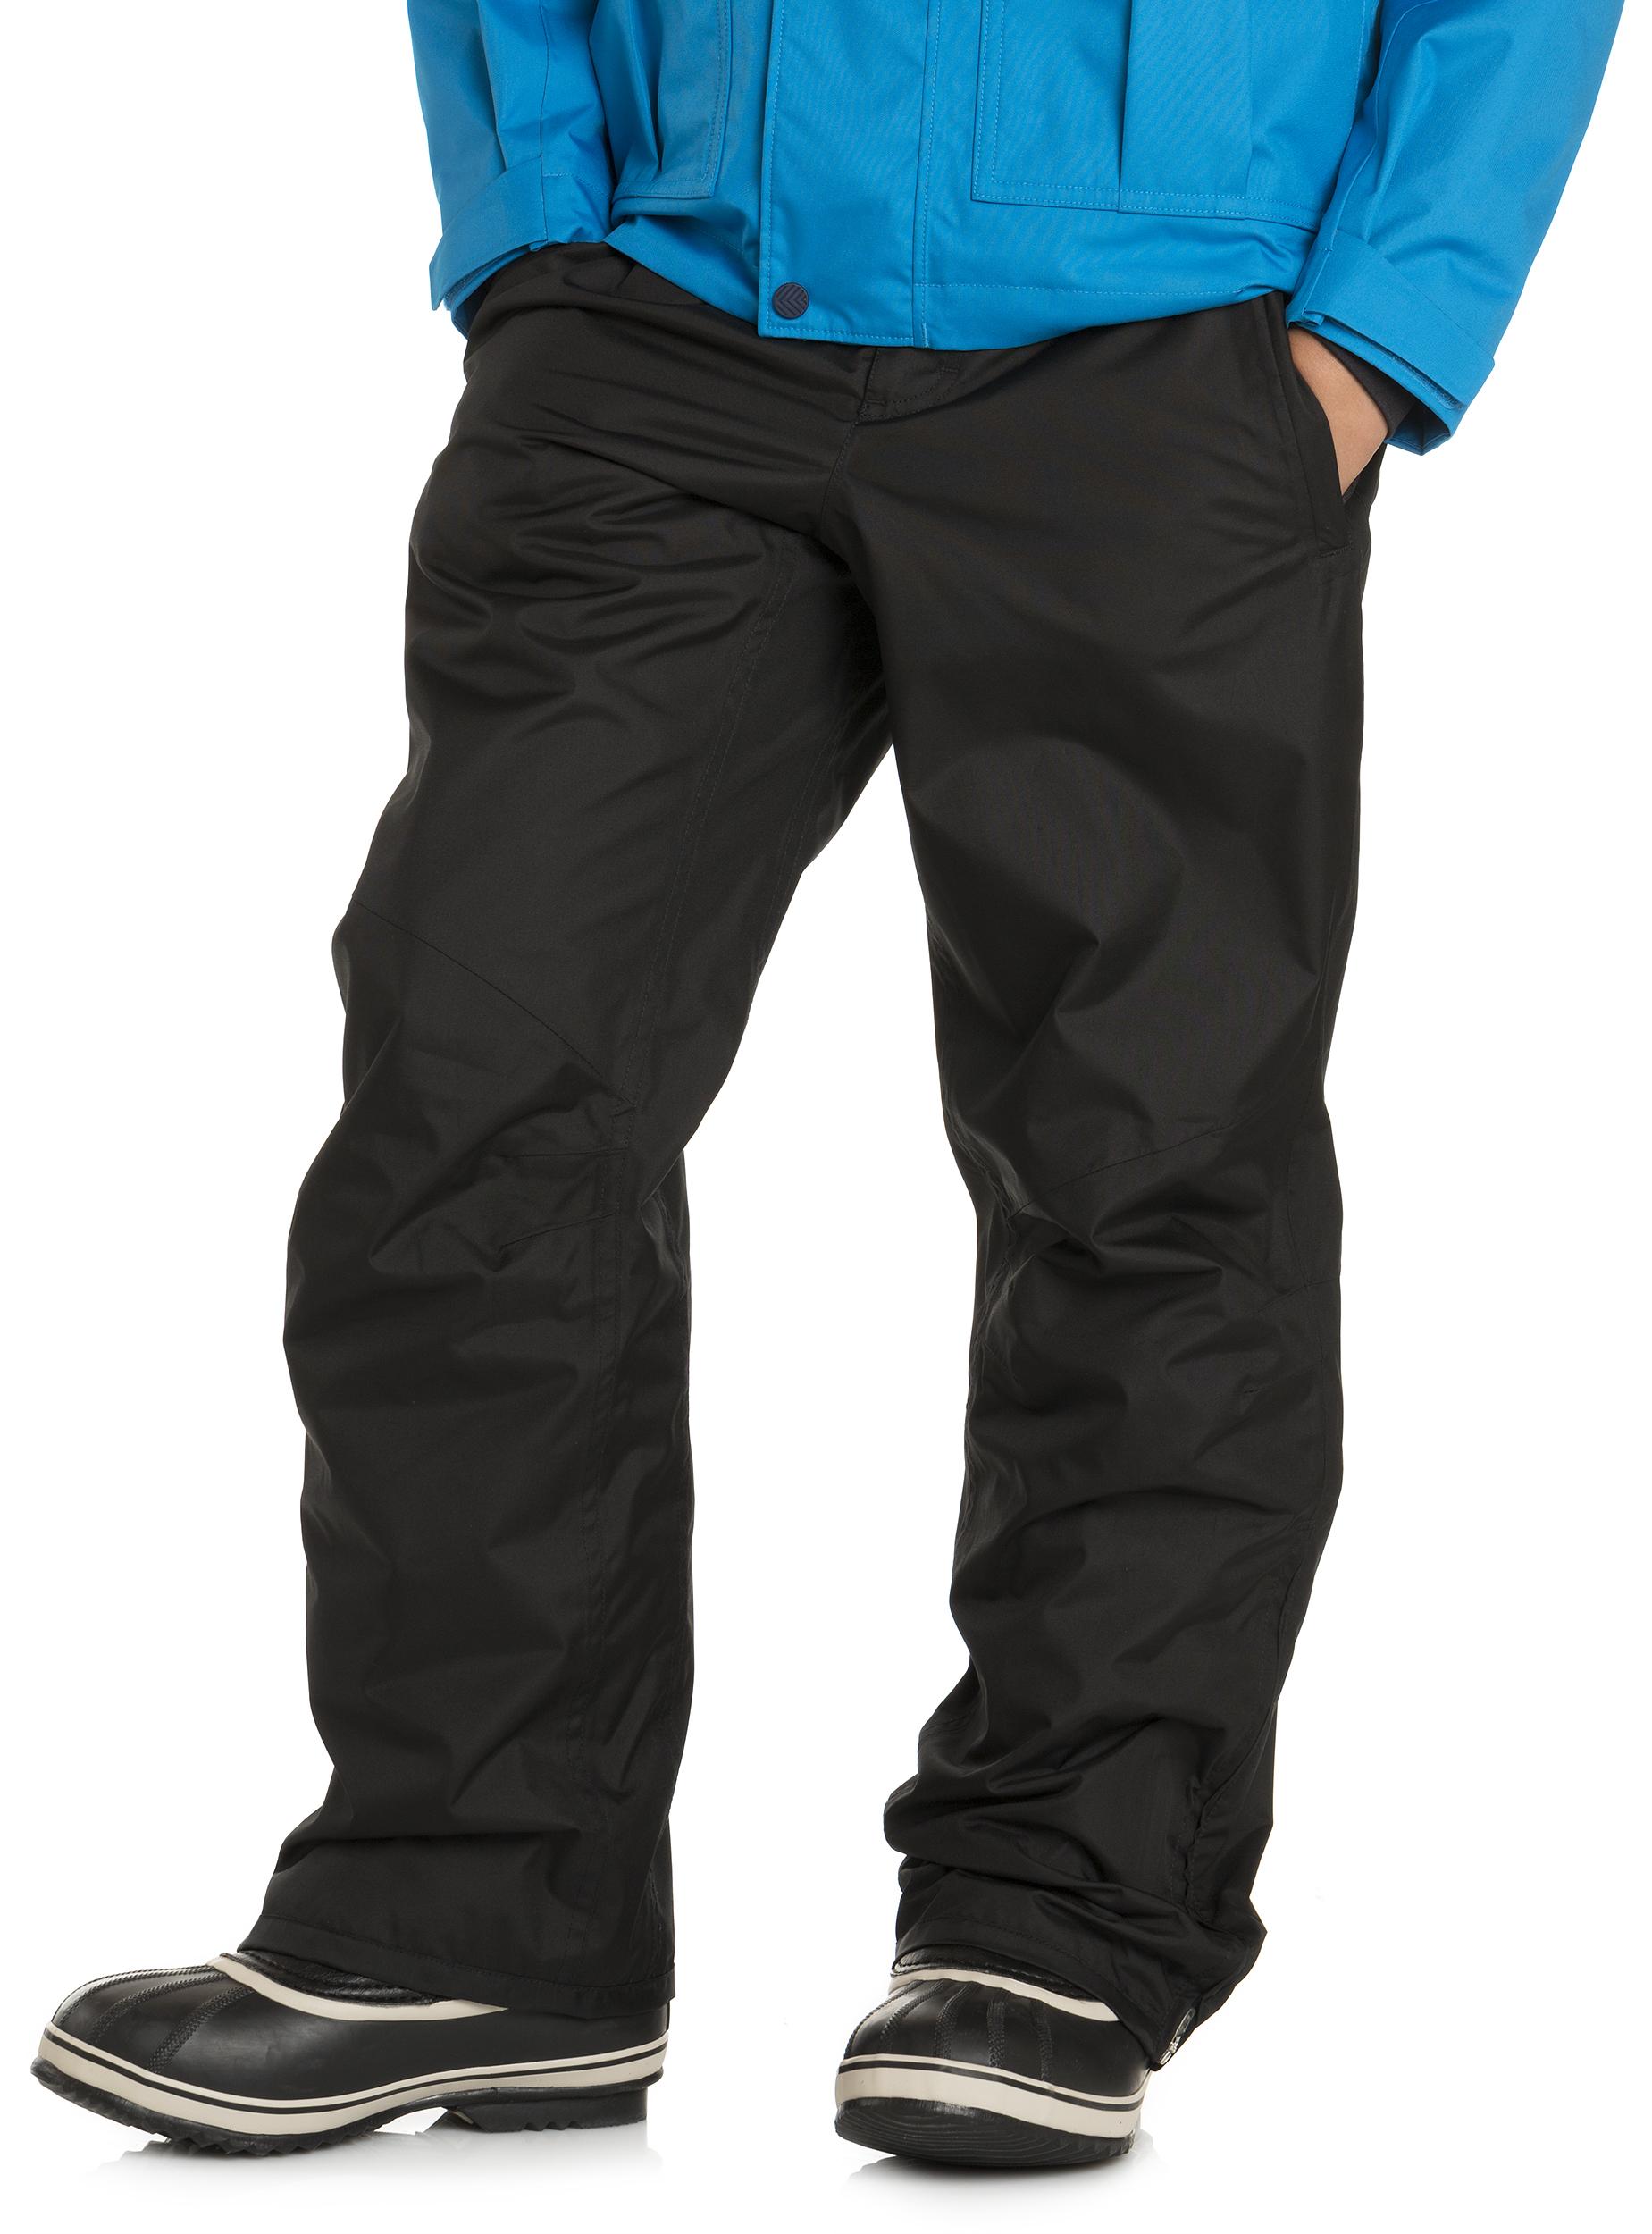 de Pantalones de Young Young Pantalones Pantalones cuenca de de cuenca POuTkXiZ